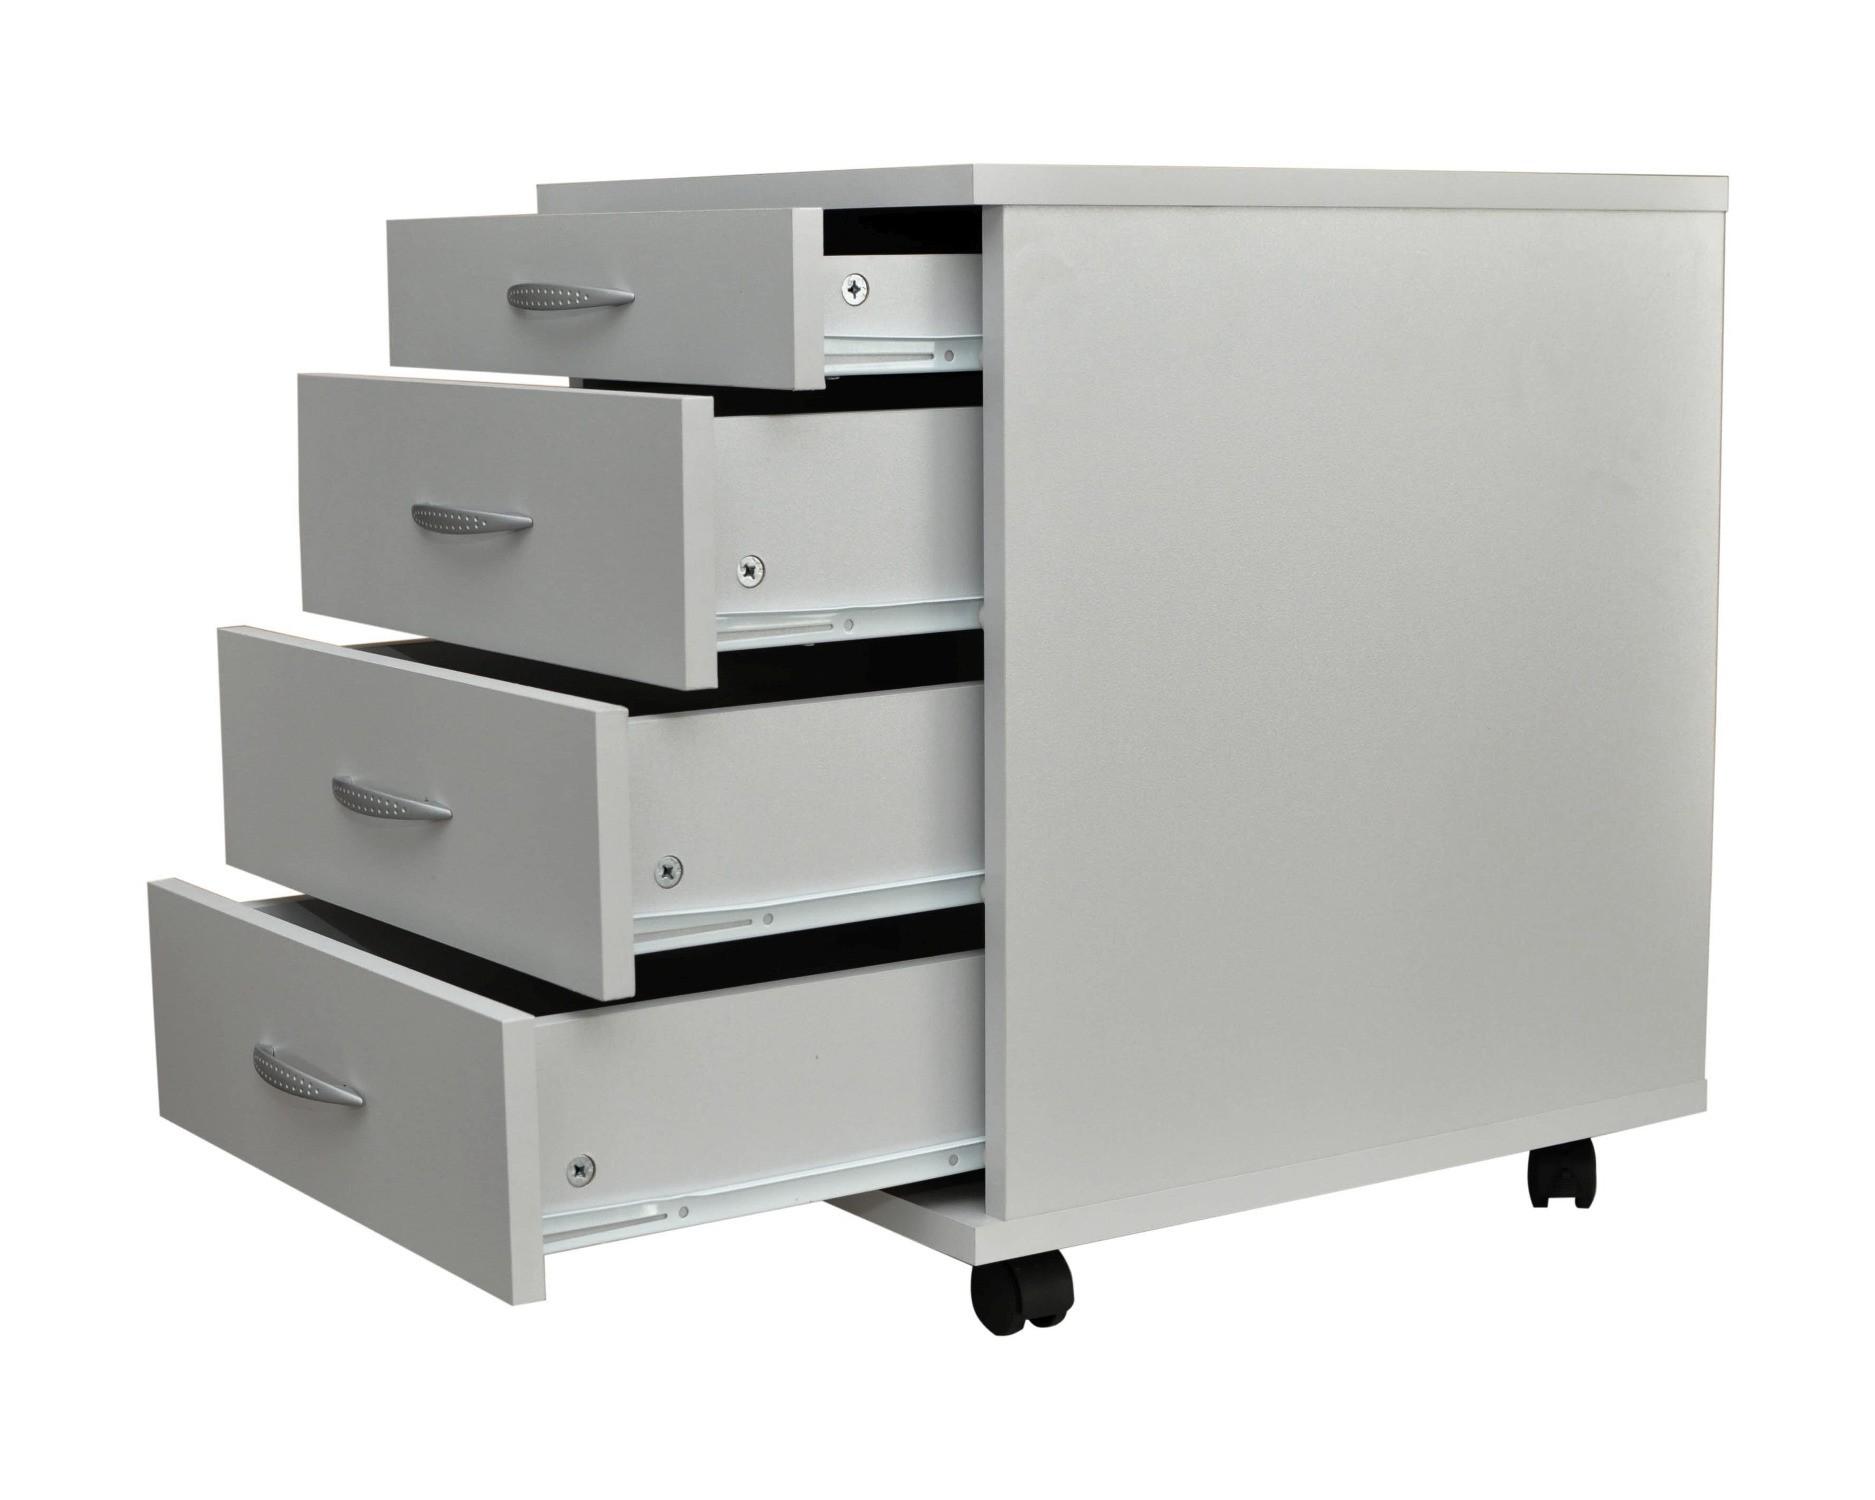 neu schreibtisch rollcontainer ravenna rollwagen schrank schubladen 42 cm grau ebay. Black Bedroom Furniture Sets. Home Design Ideas